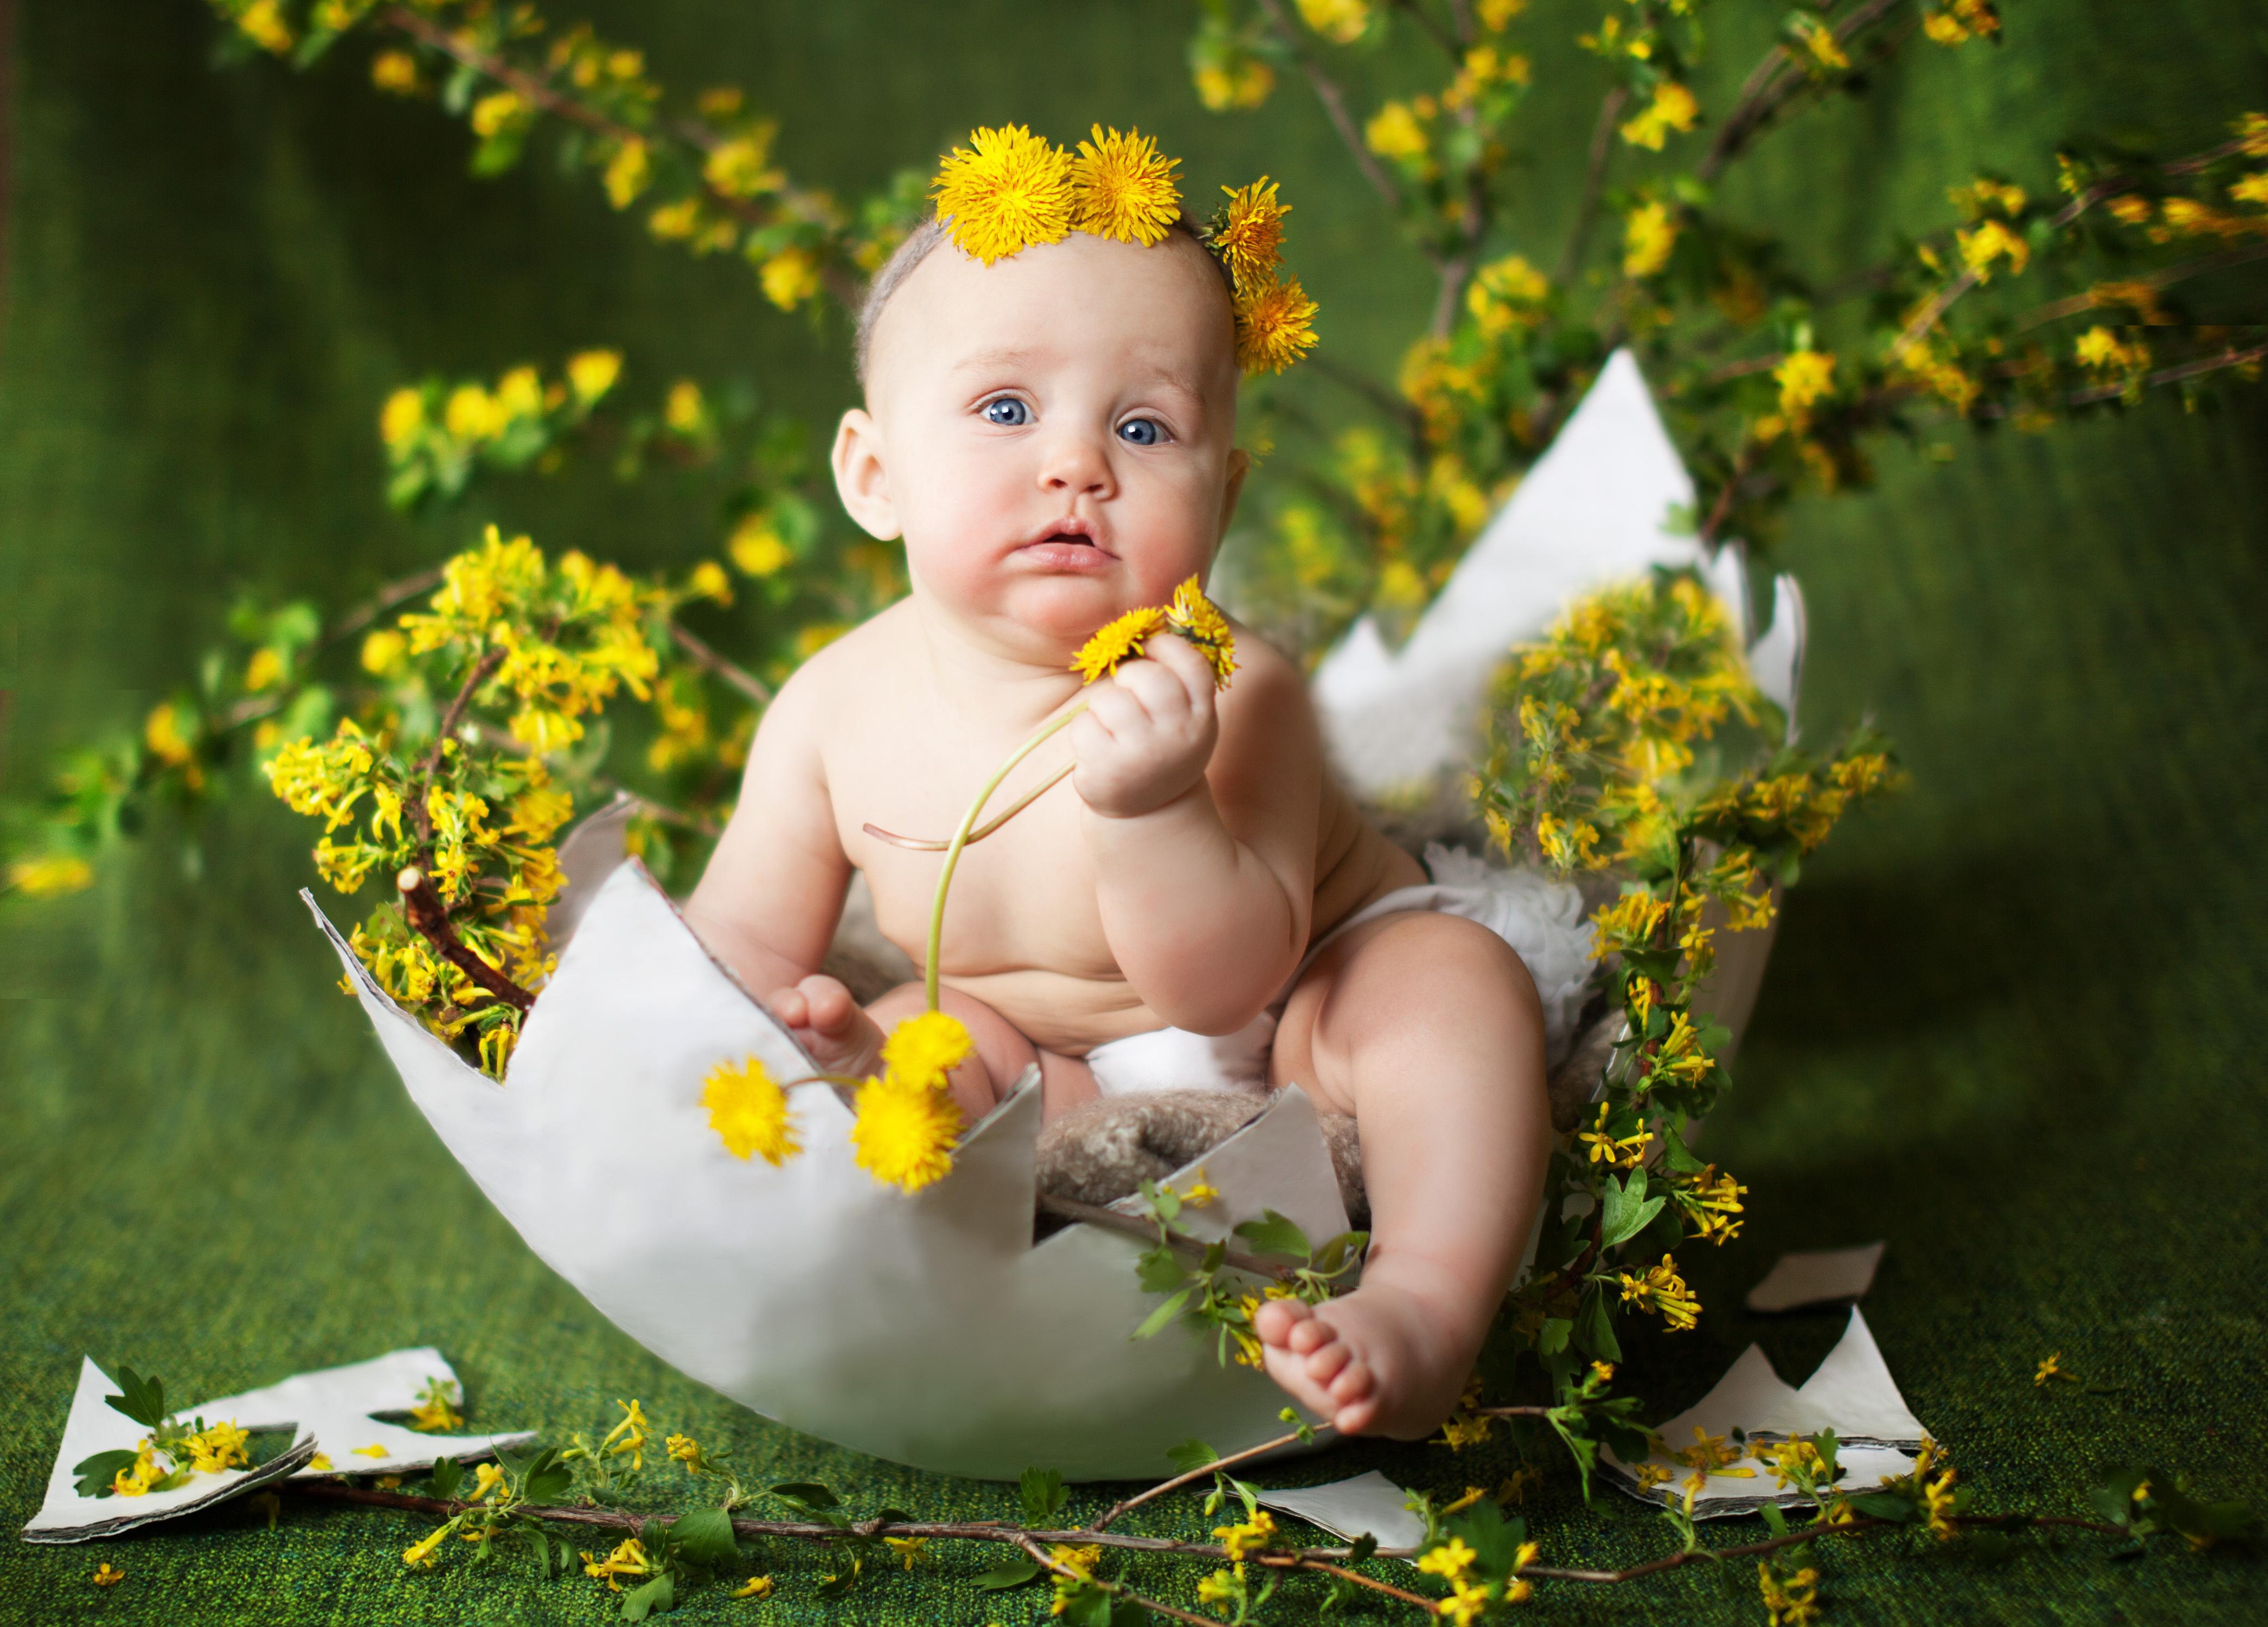 открытки с малышами в цветах хочу